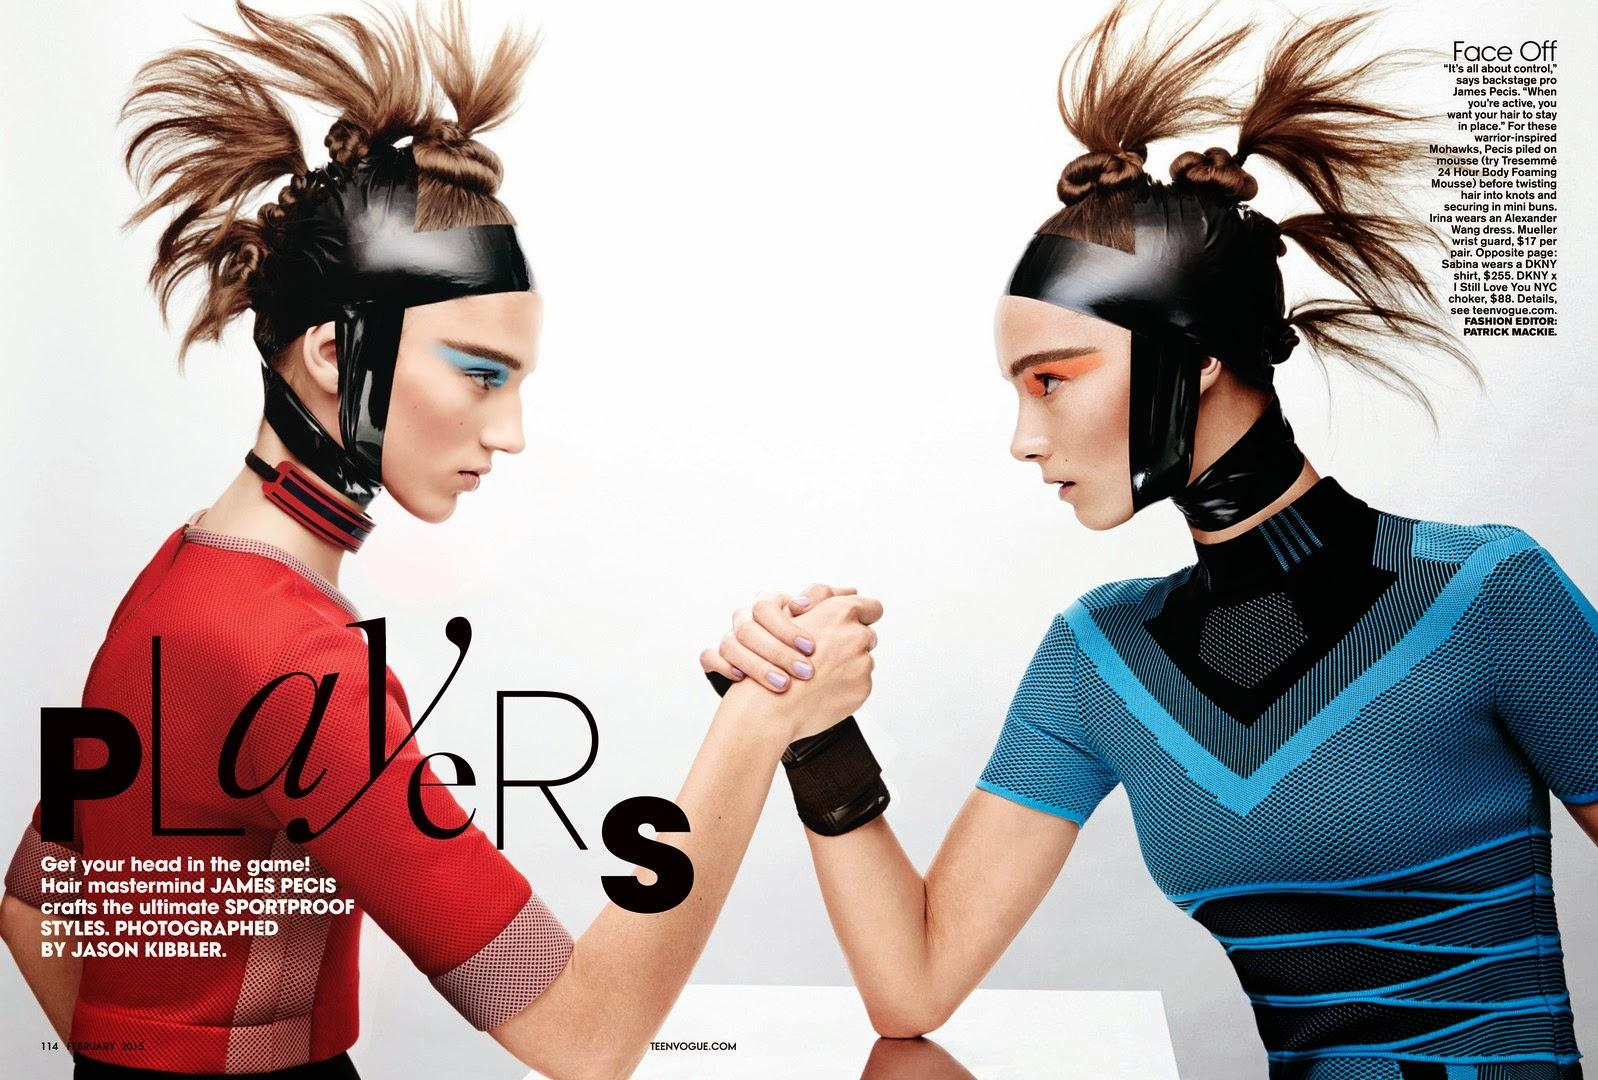 Sabina Lobova, Irina Liss And Jing Wen By Jason Kibbler For Teen Vogue